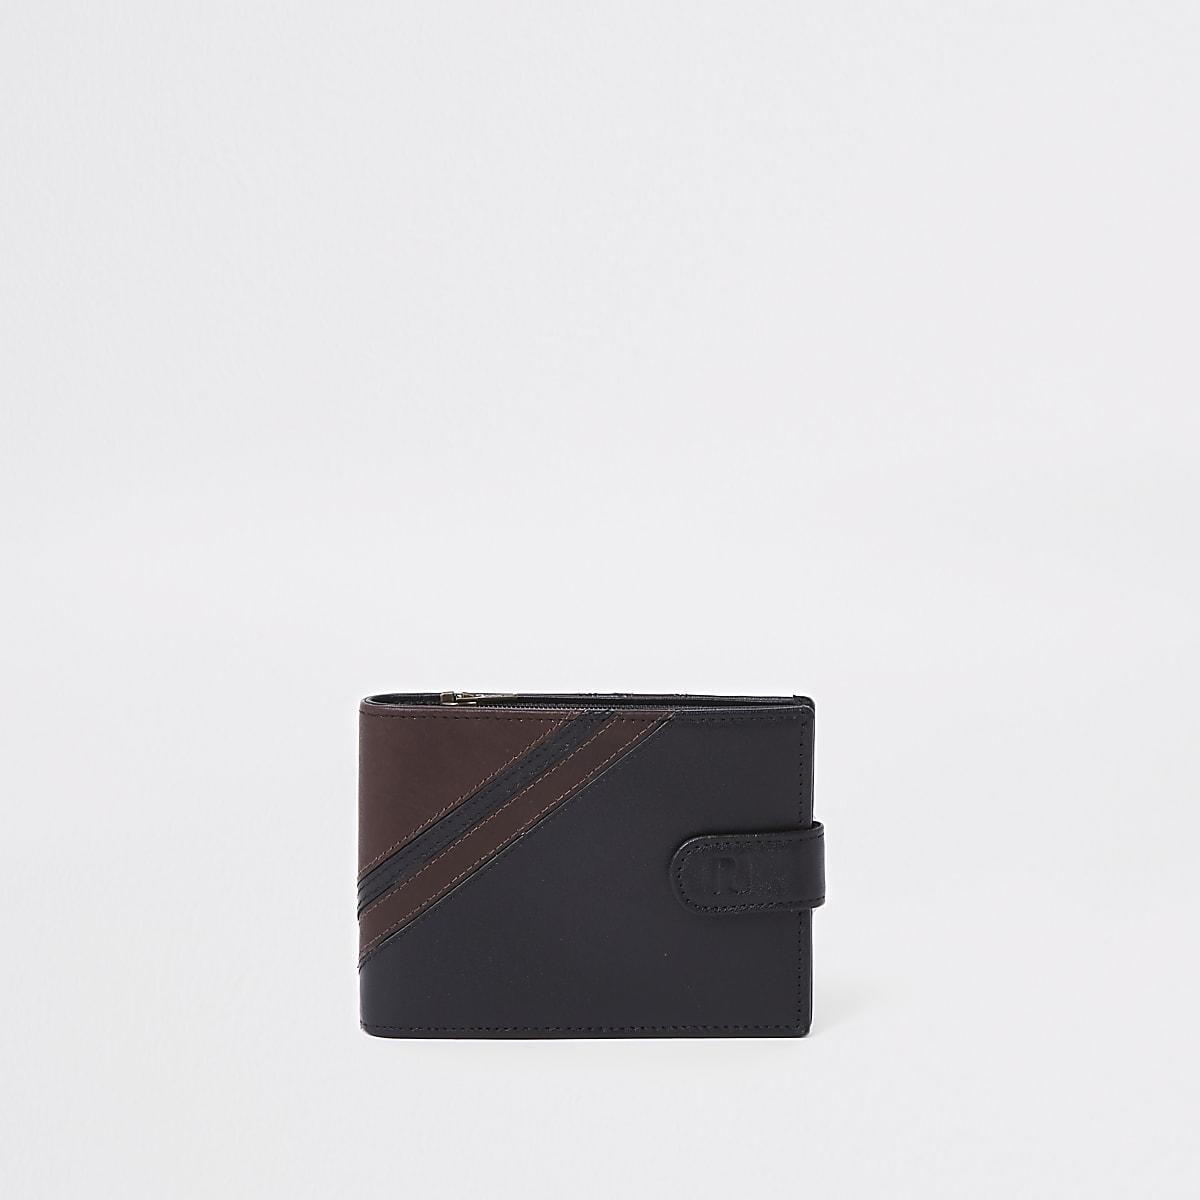 Schwarze Geldbörse aus Leder